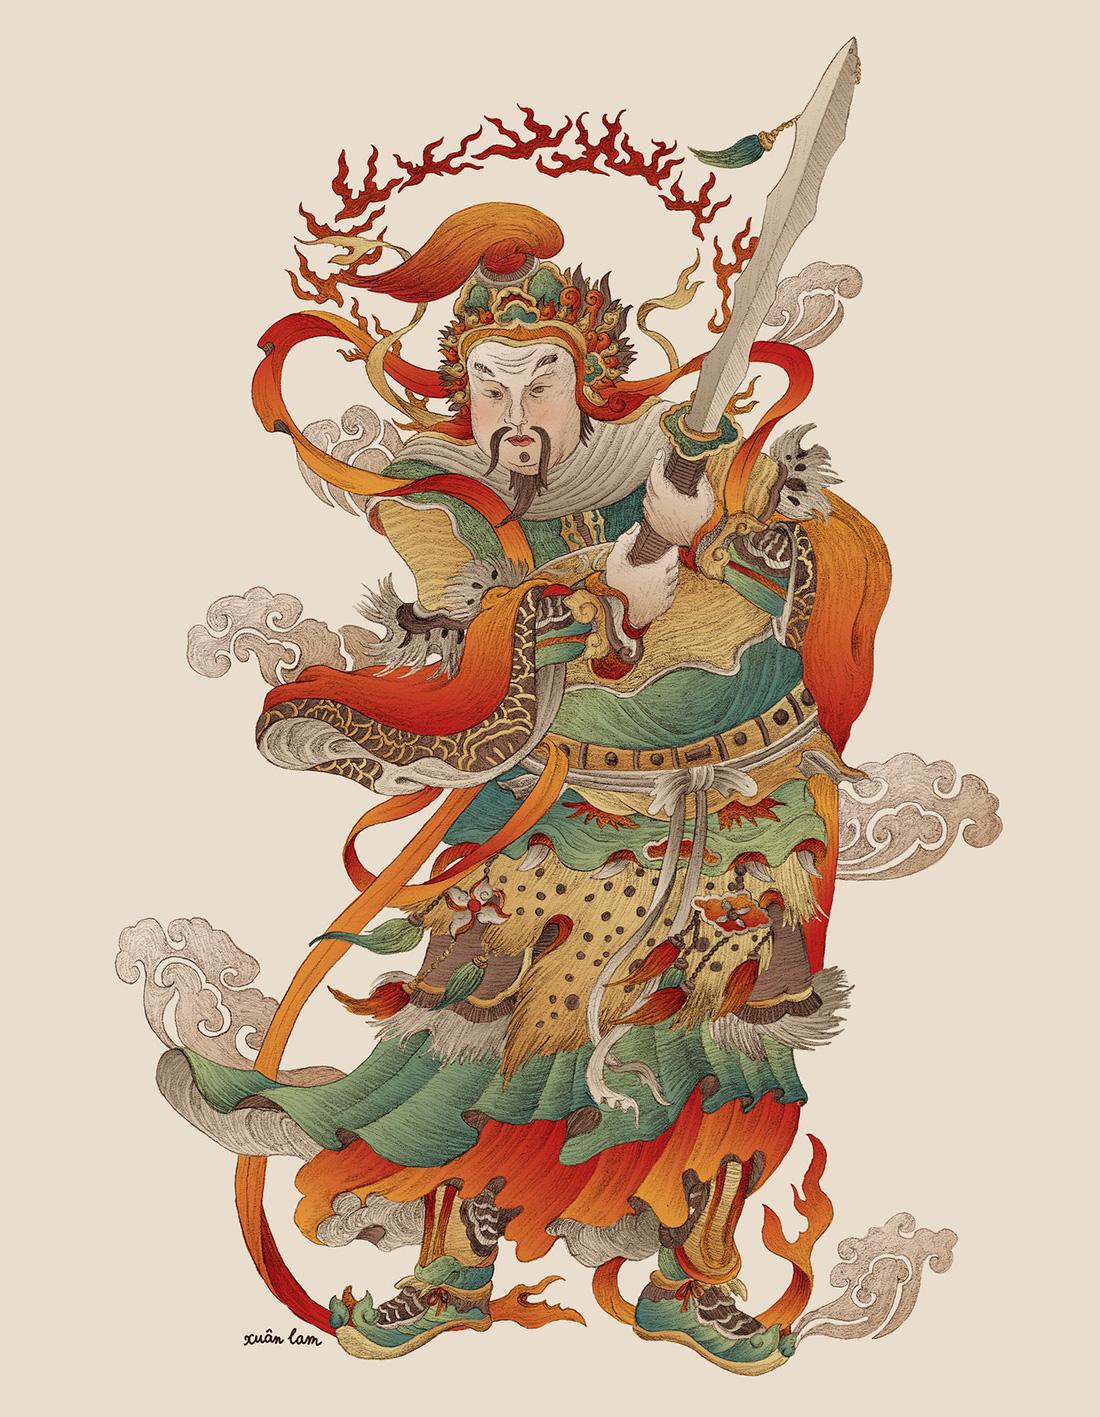 Tranh dân gian Đông Hồ - Hàng Trống trong một diện mạo khác - Ảnh 13.